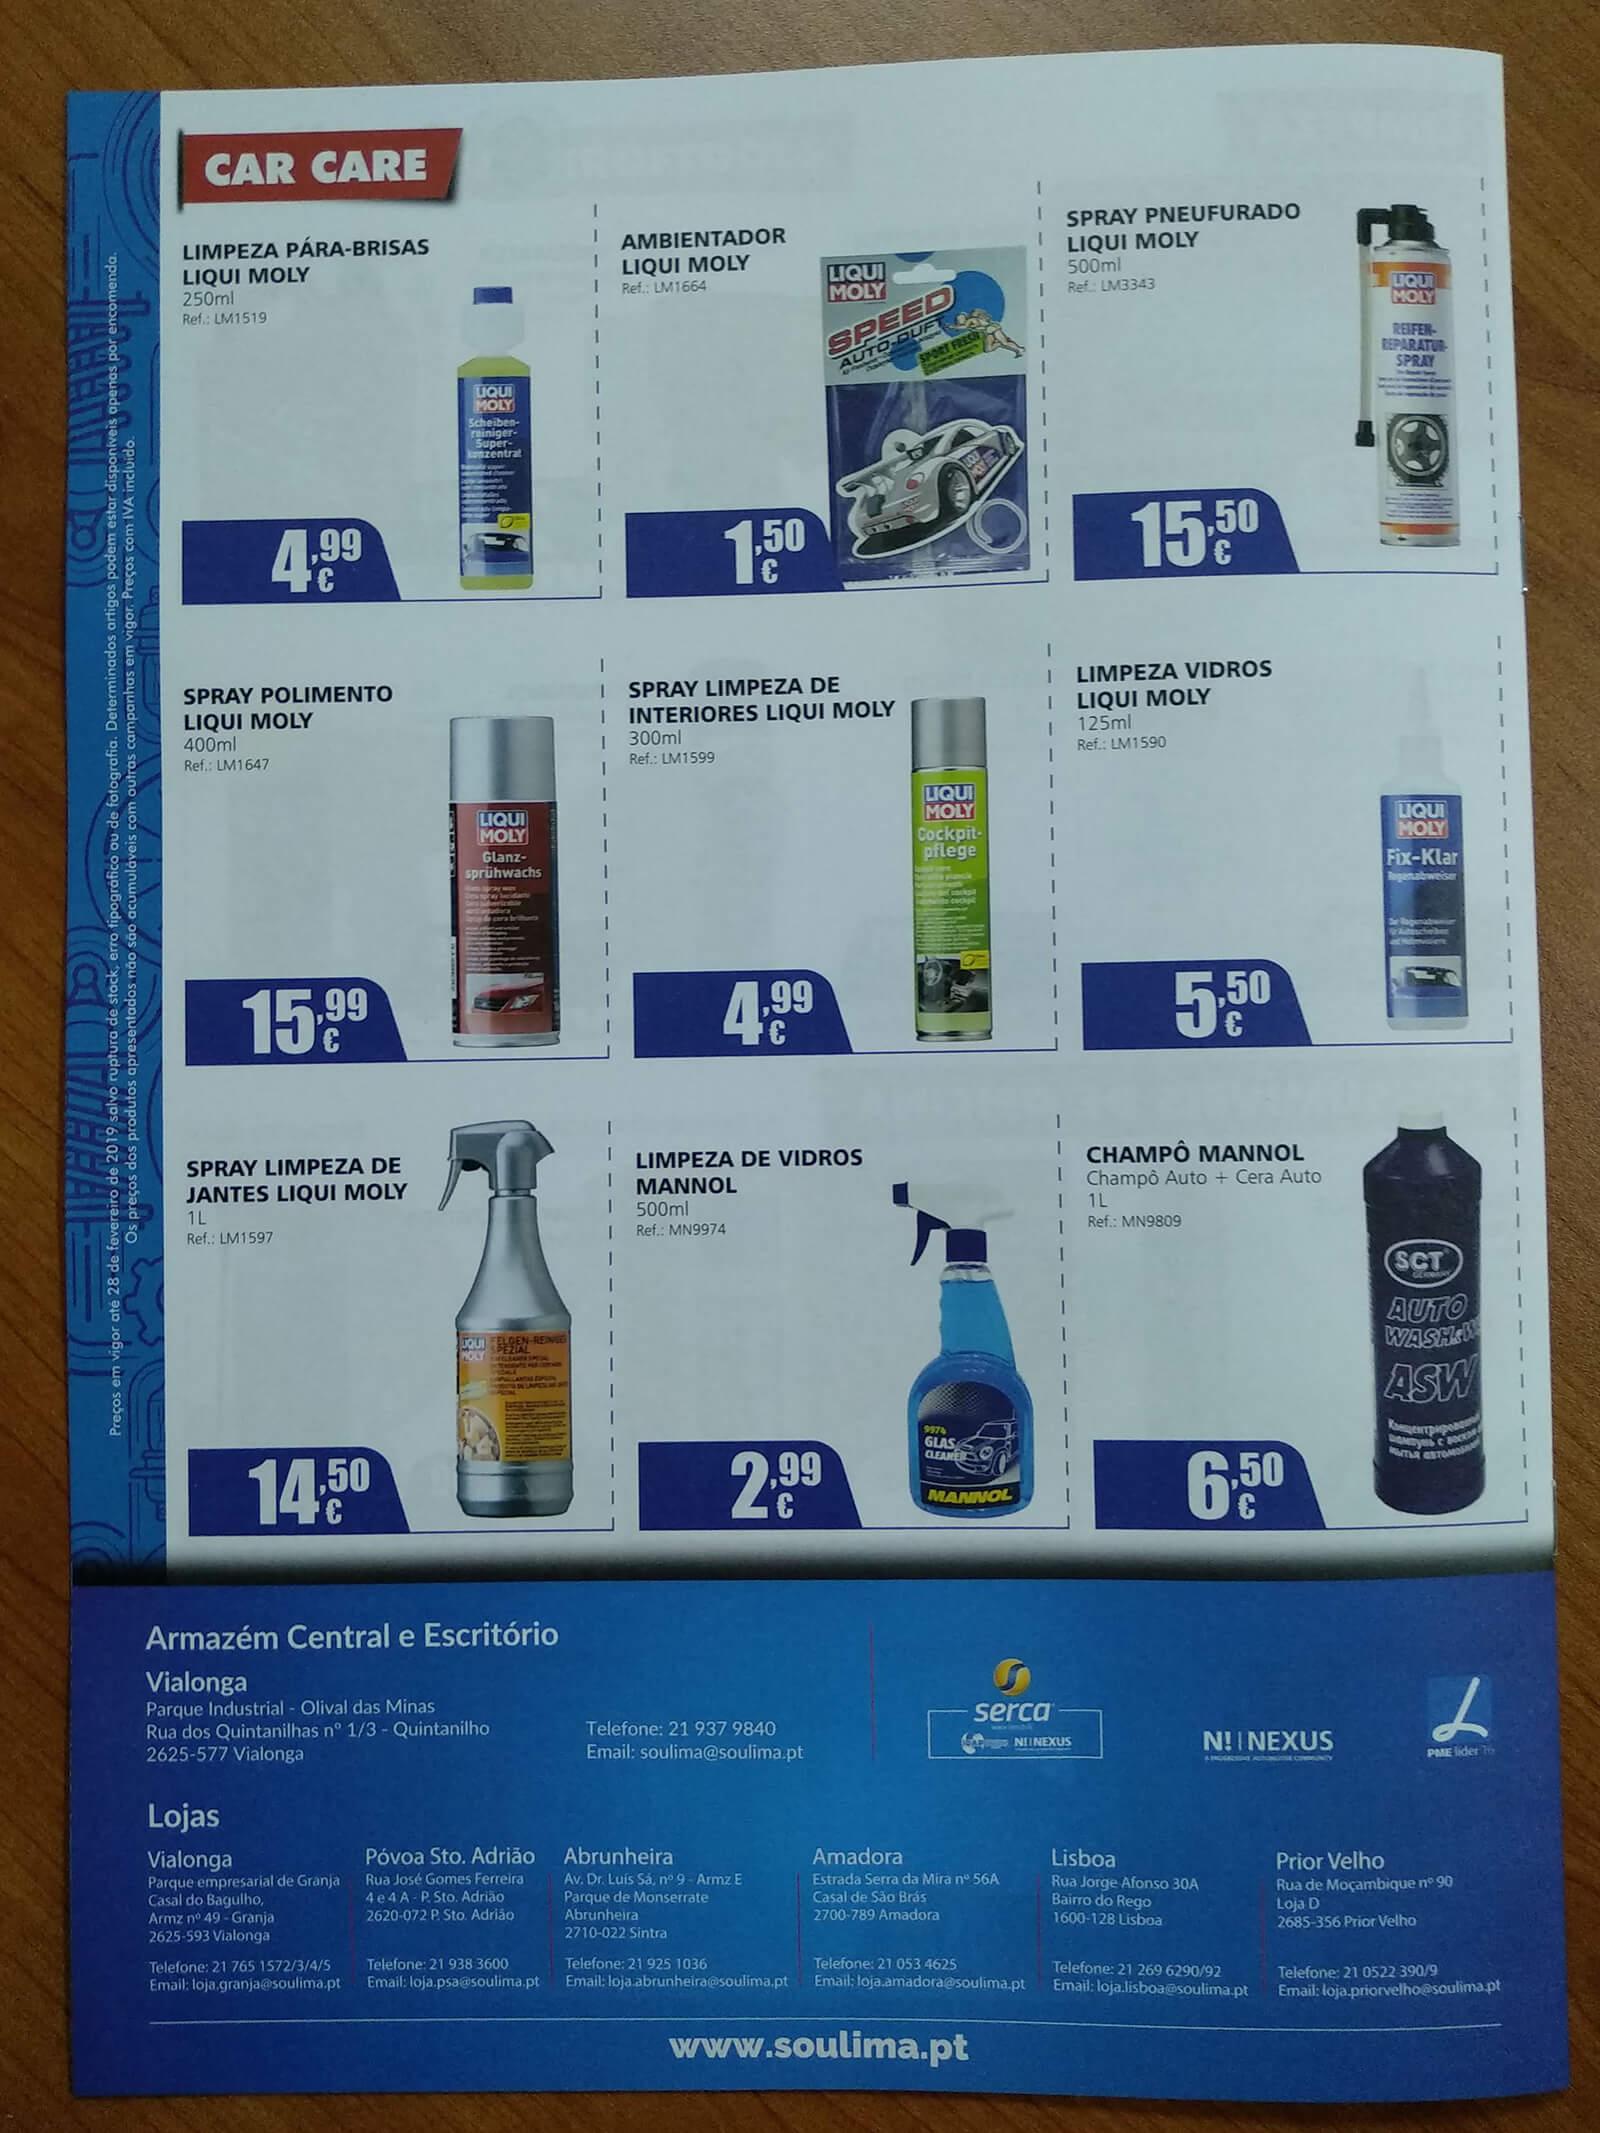 Soulima - Comércio de Peças - Folheto Impresso Soulima - Contra Capa | Way2Start - Design & Digital Agency